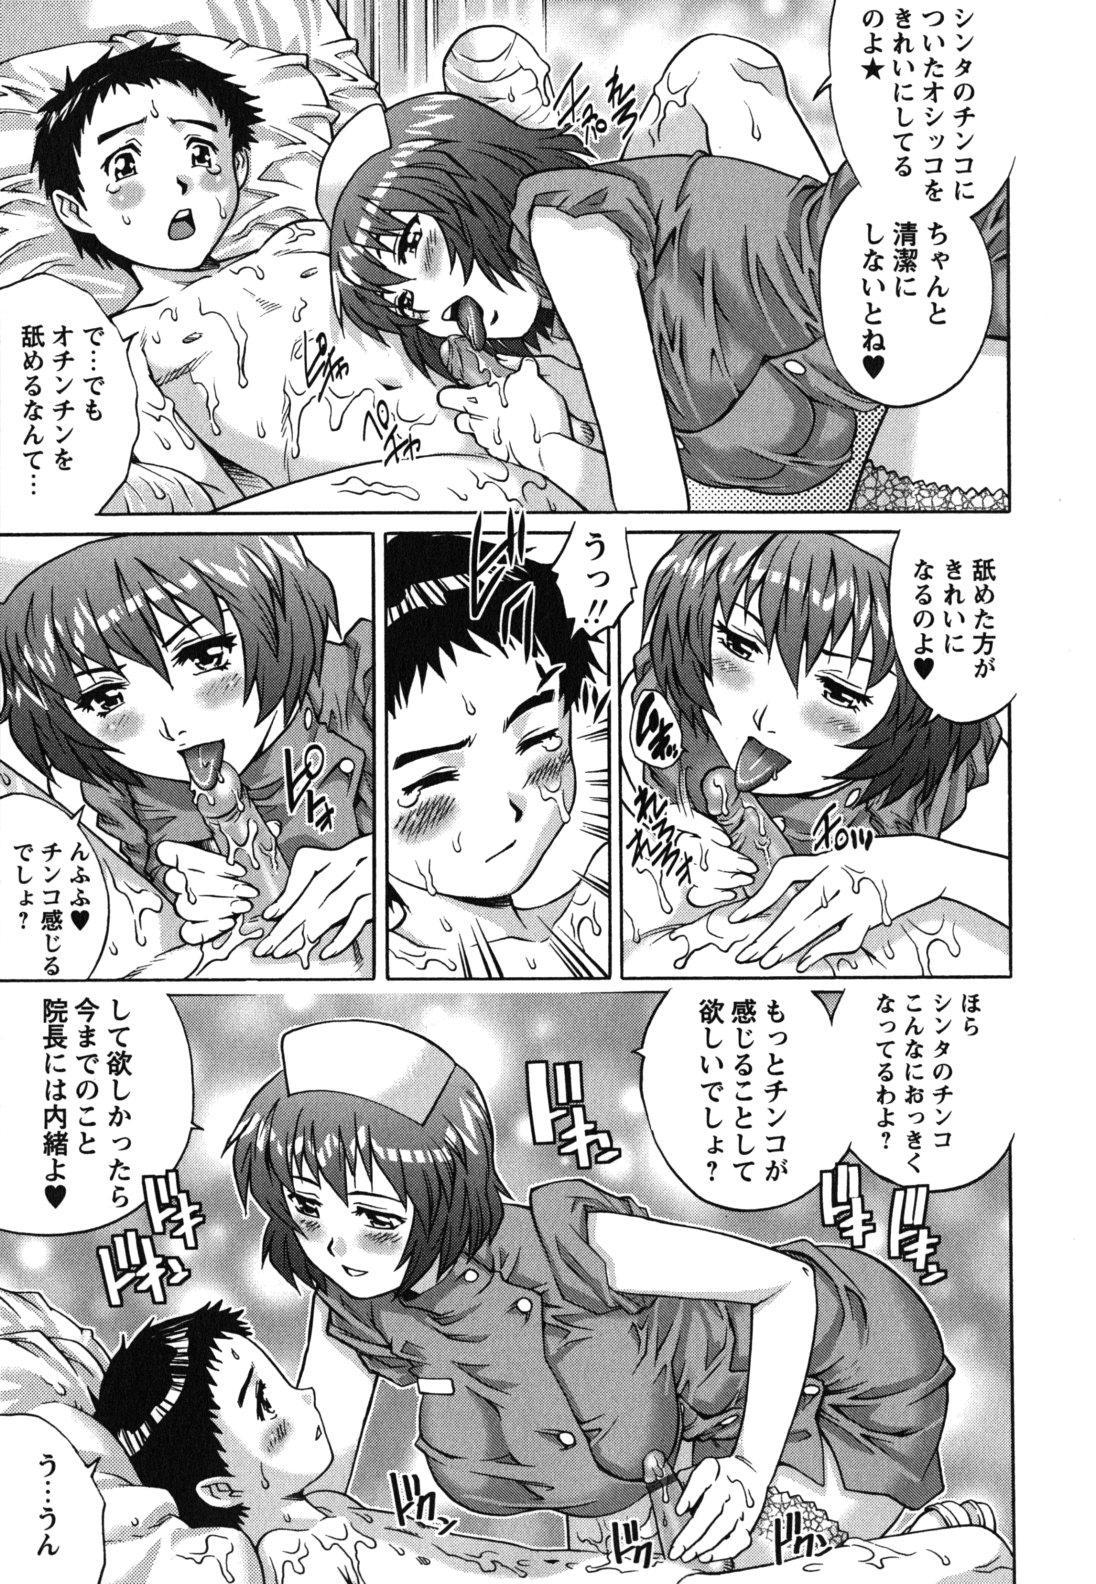 Hajimete no SEX 27